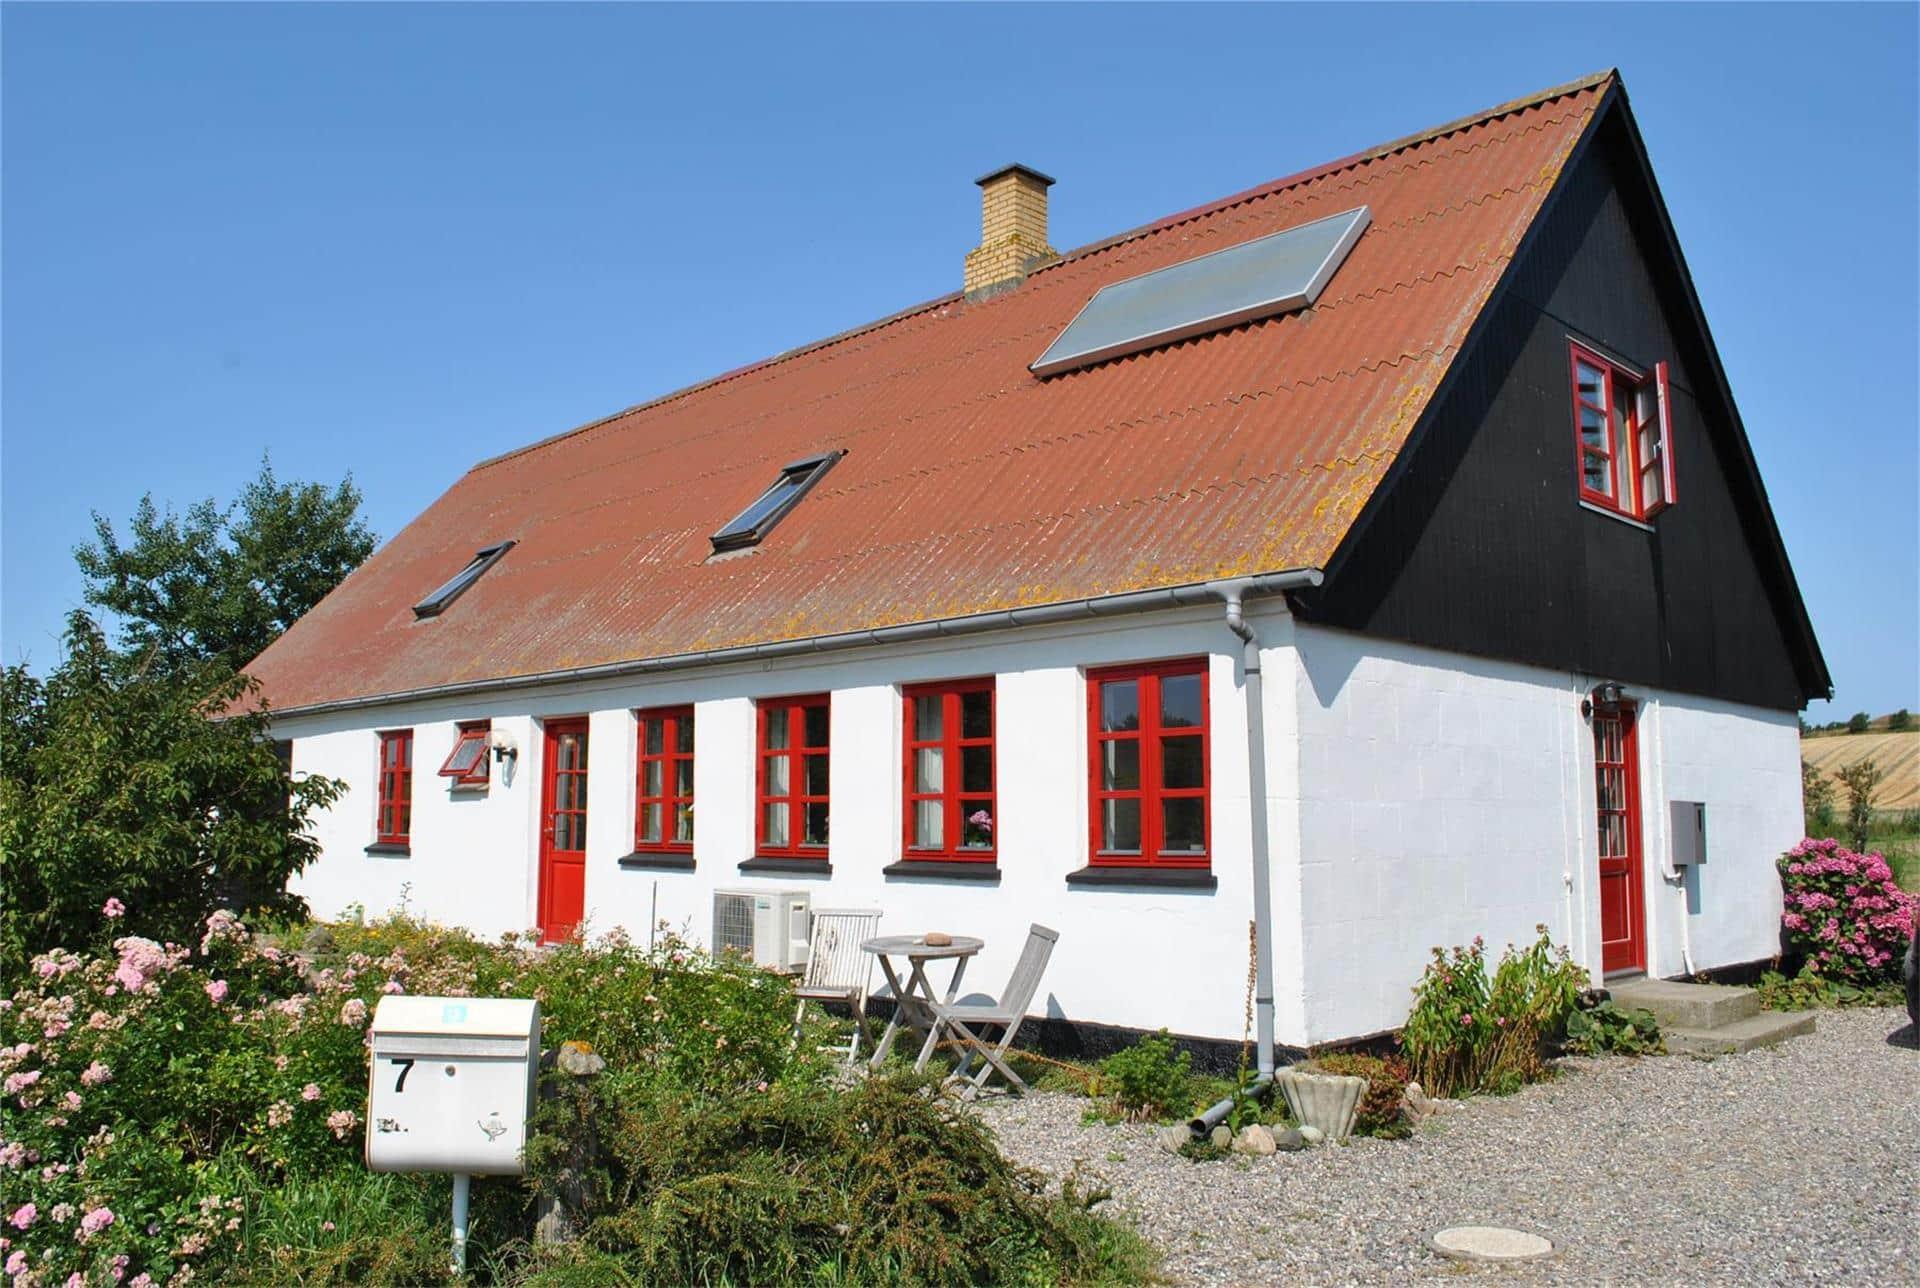 Bild 1-170 Stuga 20206, Haardmark Mark 7, DK - 8305 Samsø